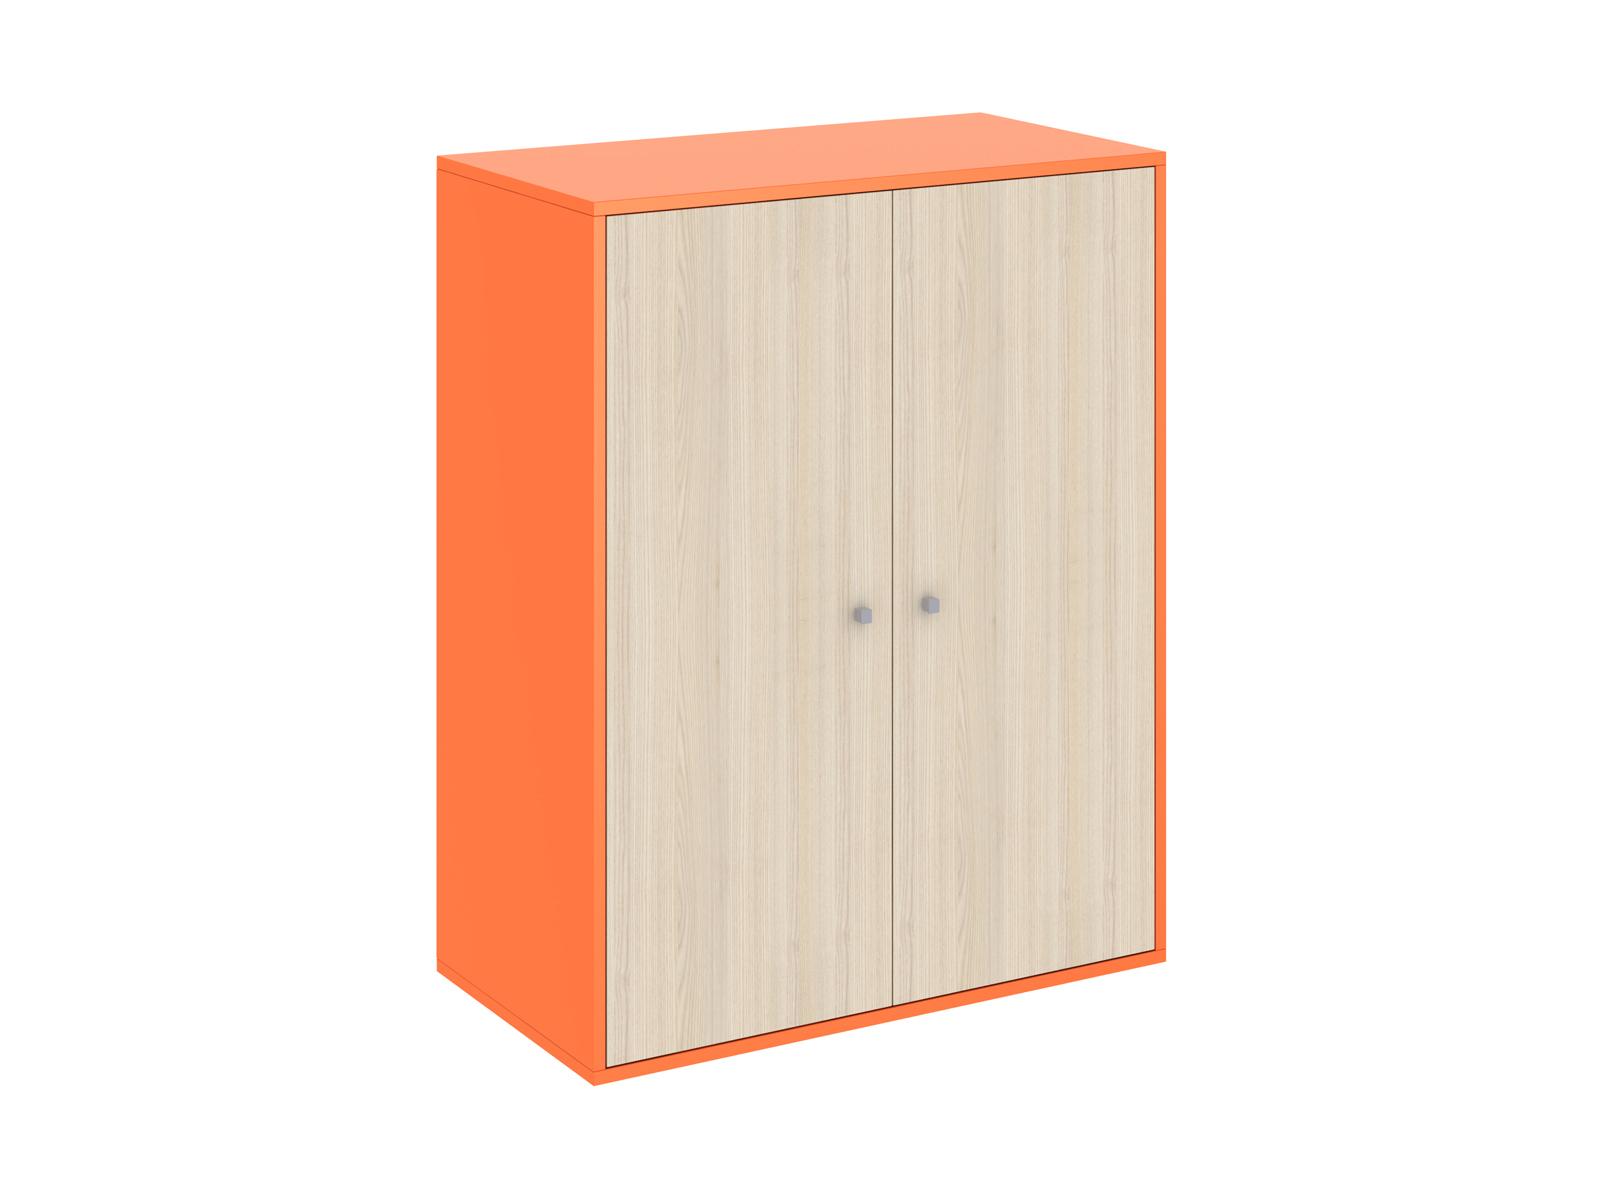 Шкаф PinokkioШкафы<br>Низкий шкаф устанавливается в нижнем ярусе кровати-чердака.  Шкаф имеет два отделения:  Одно отделение с полками и штангой для одежды.  Второе - с полками.<br>